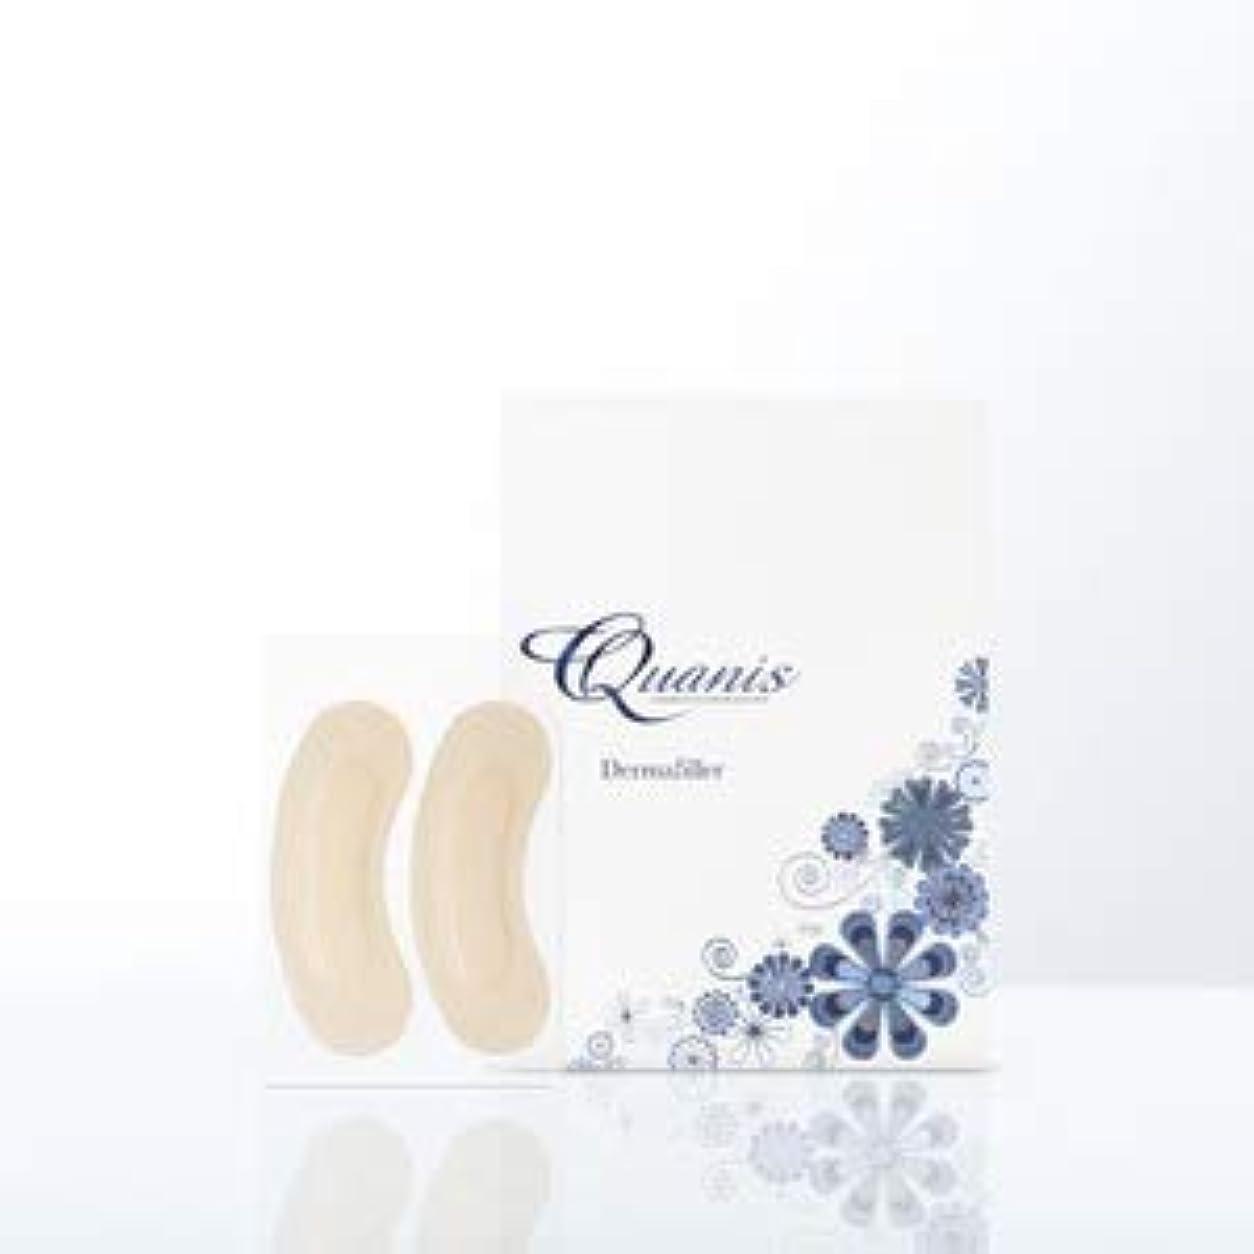 事件、出来事間違いなく梨製薬会社が開発 クオニス ダーマフィラー 4セット入り マイクロニードルで肌に直接ヒアルロン酸注入